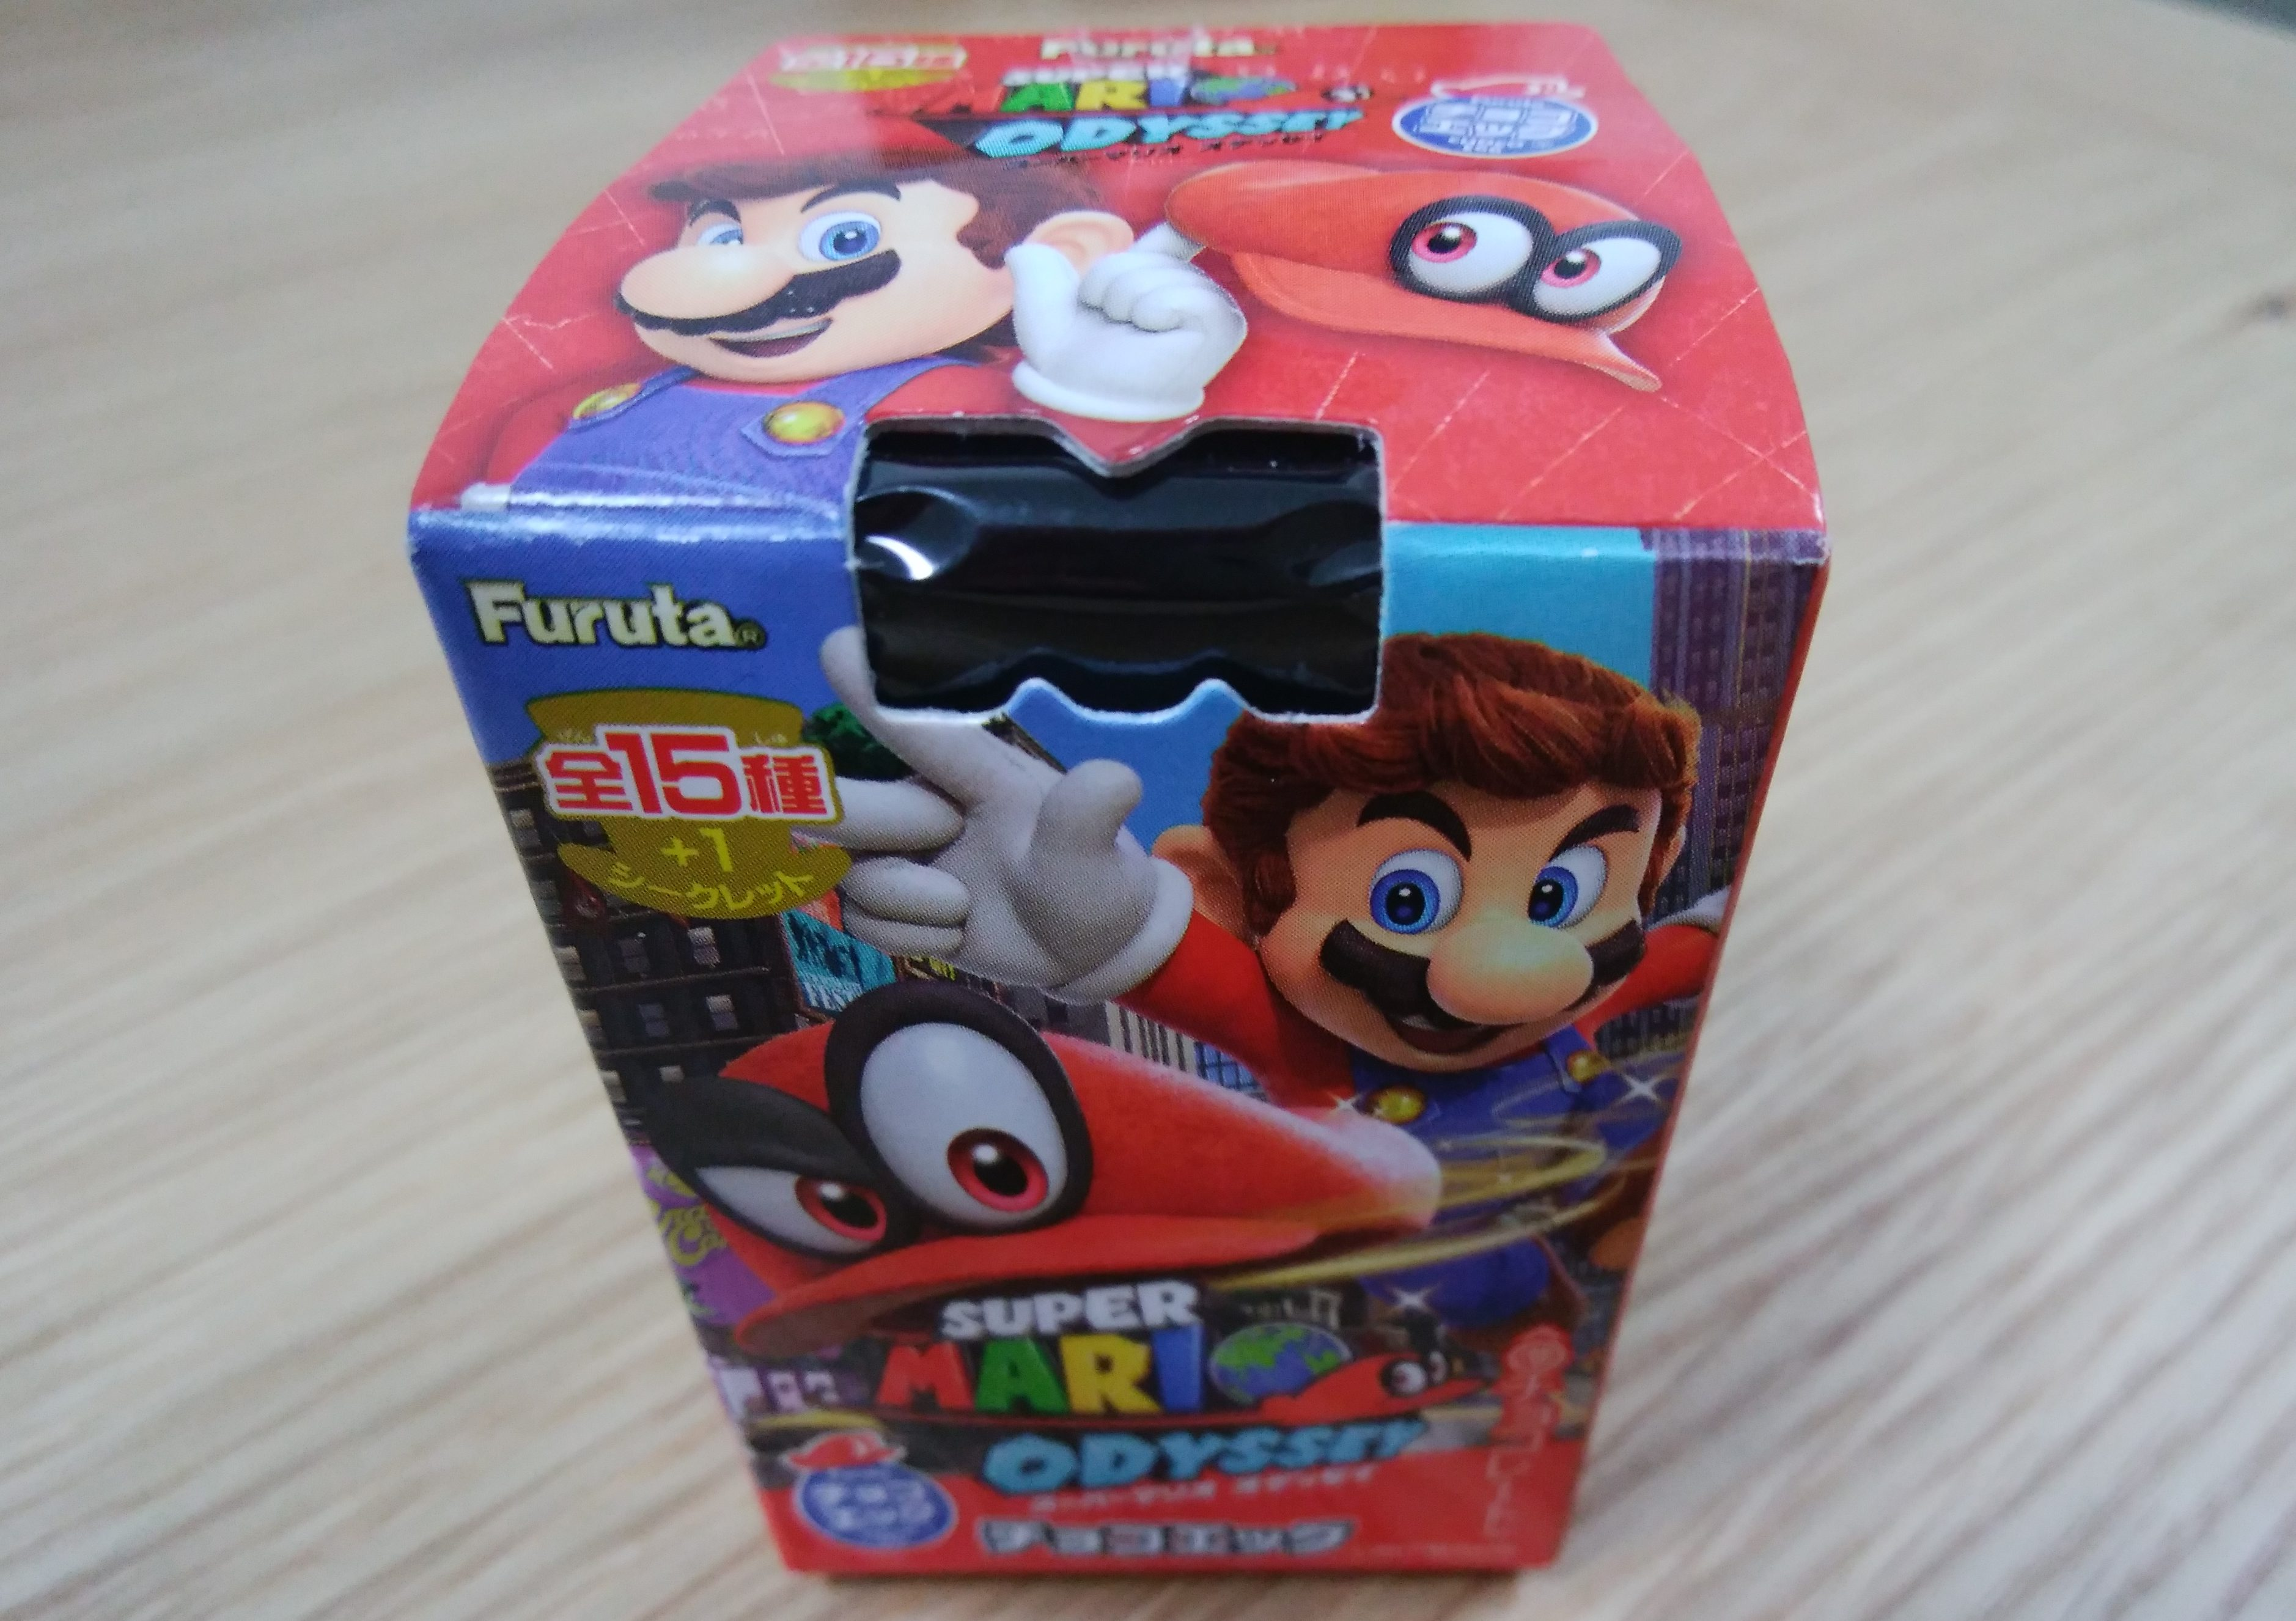 今回のチョコエッグはスーパーマリオオデッセイ!switchのソフトが当たる?